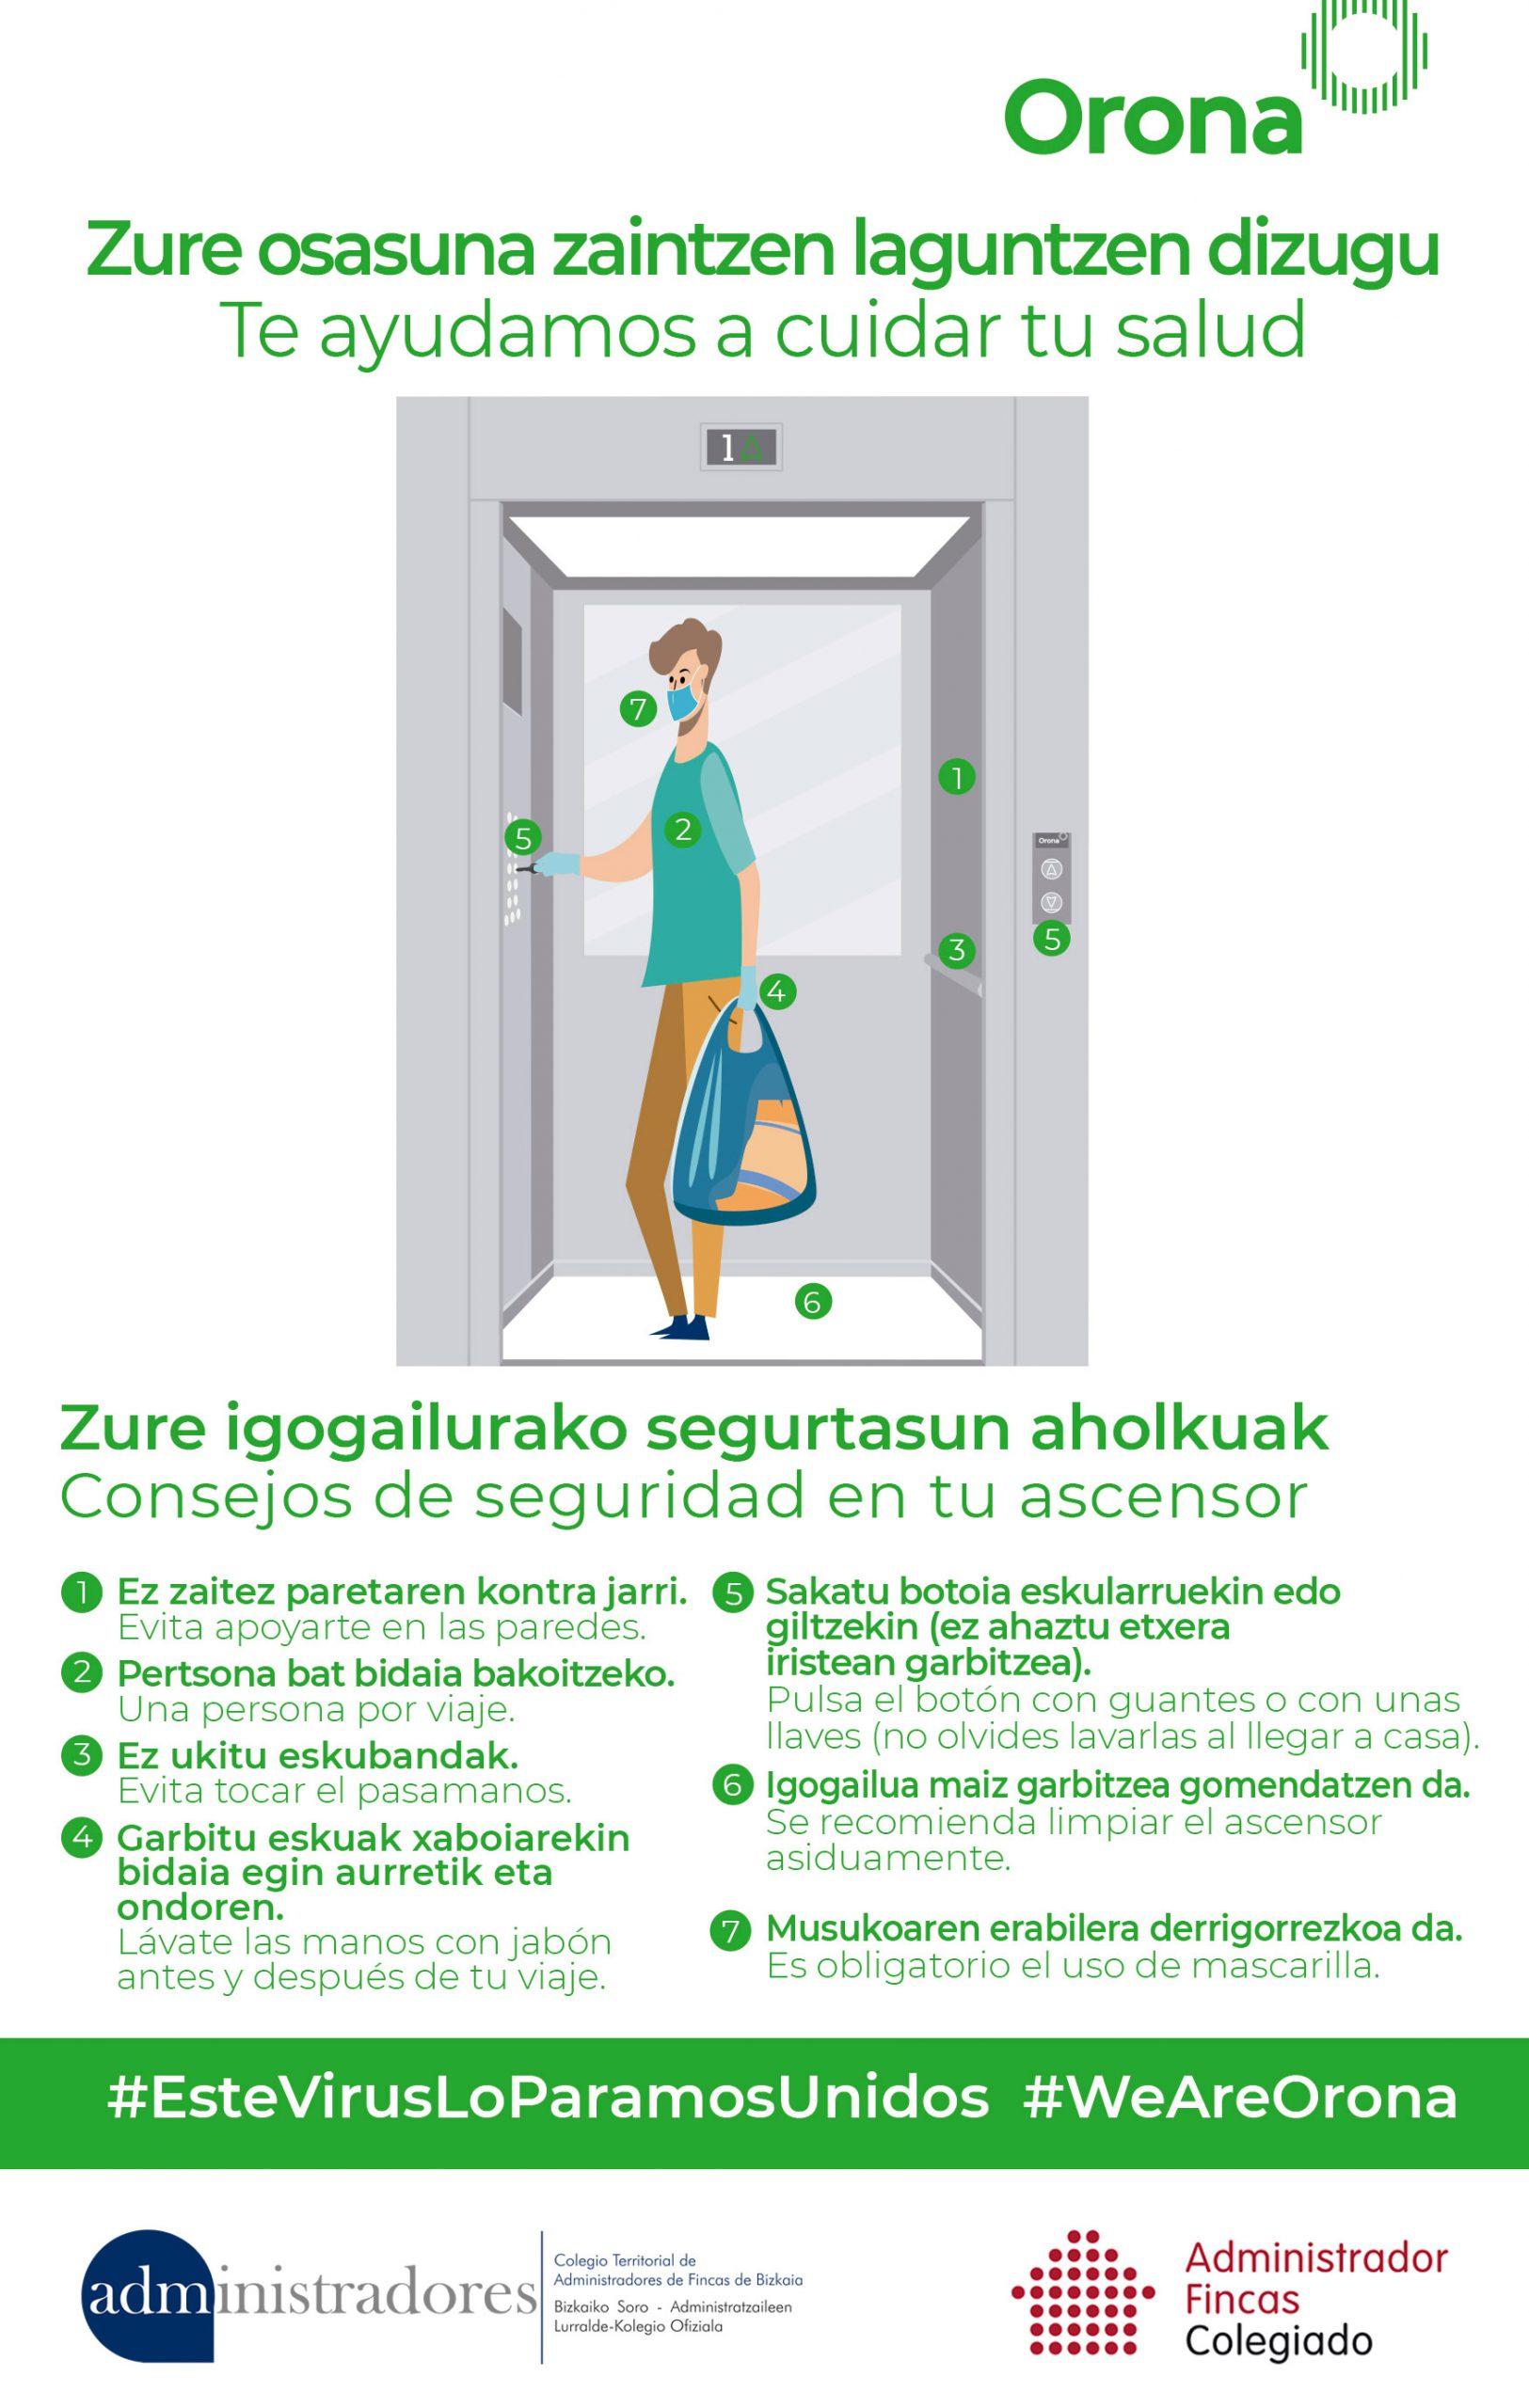 cómo usar el ascensor